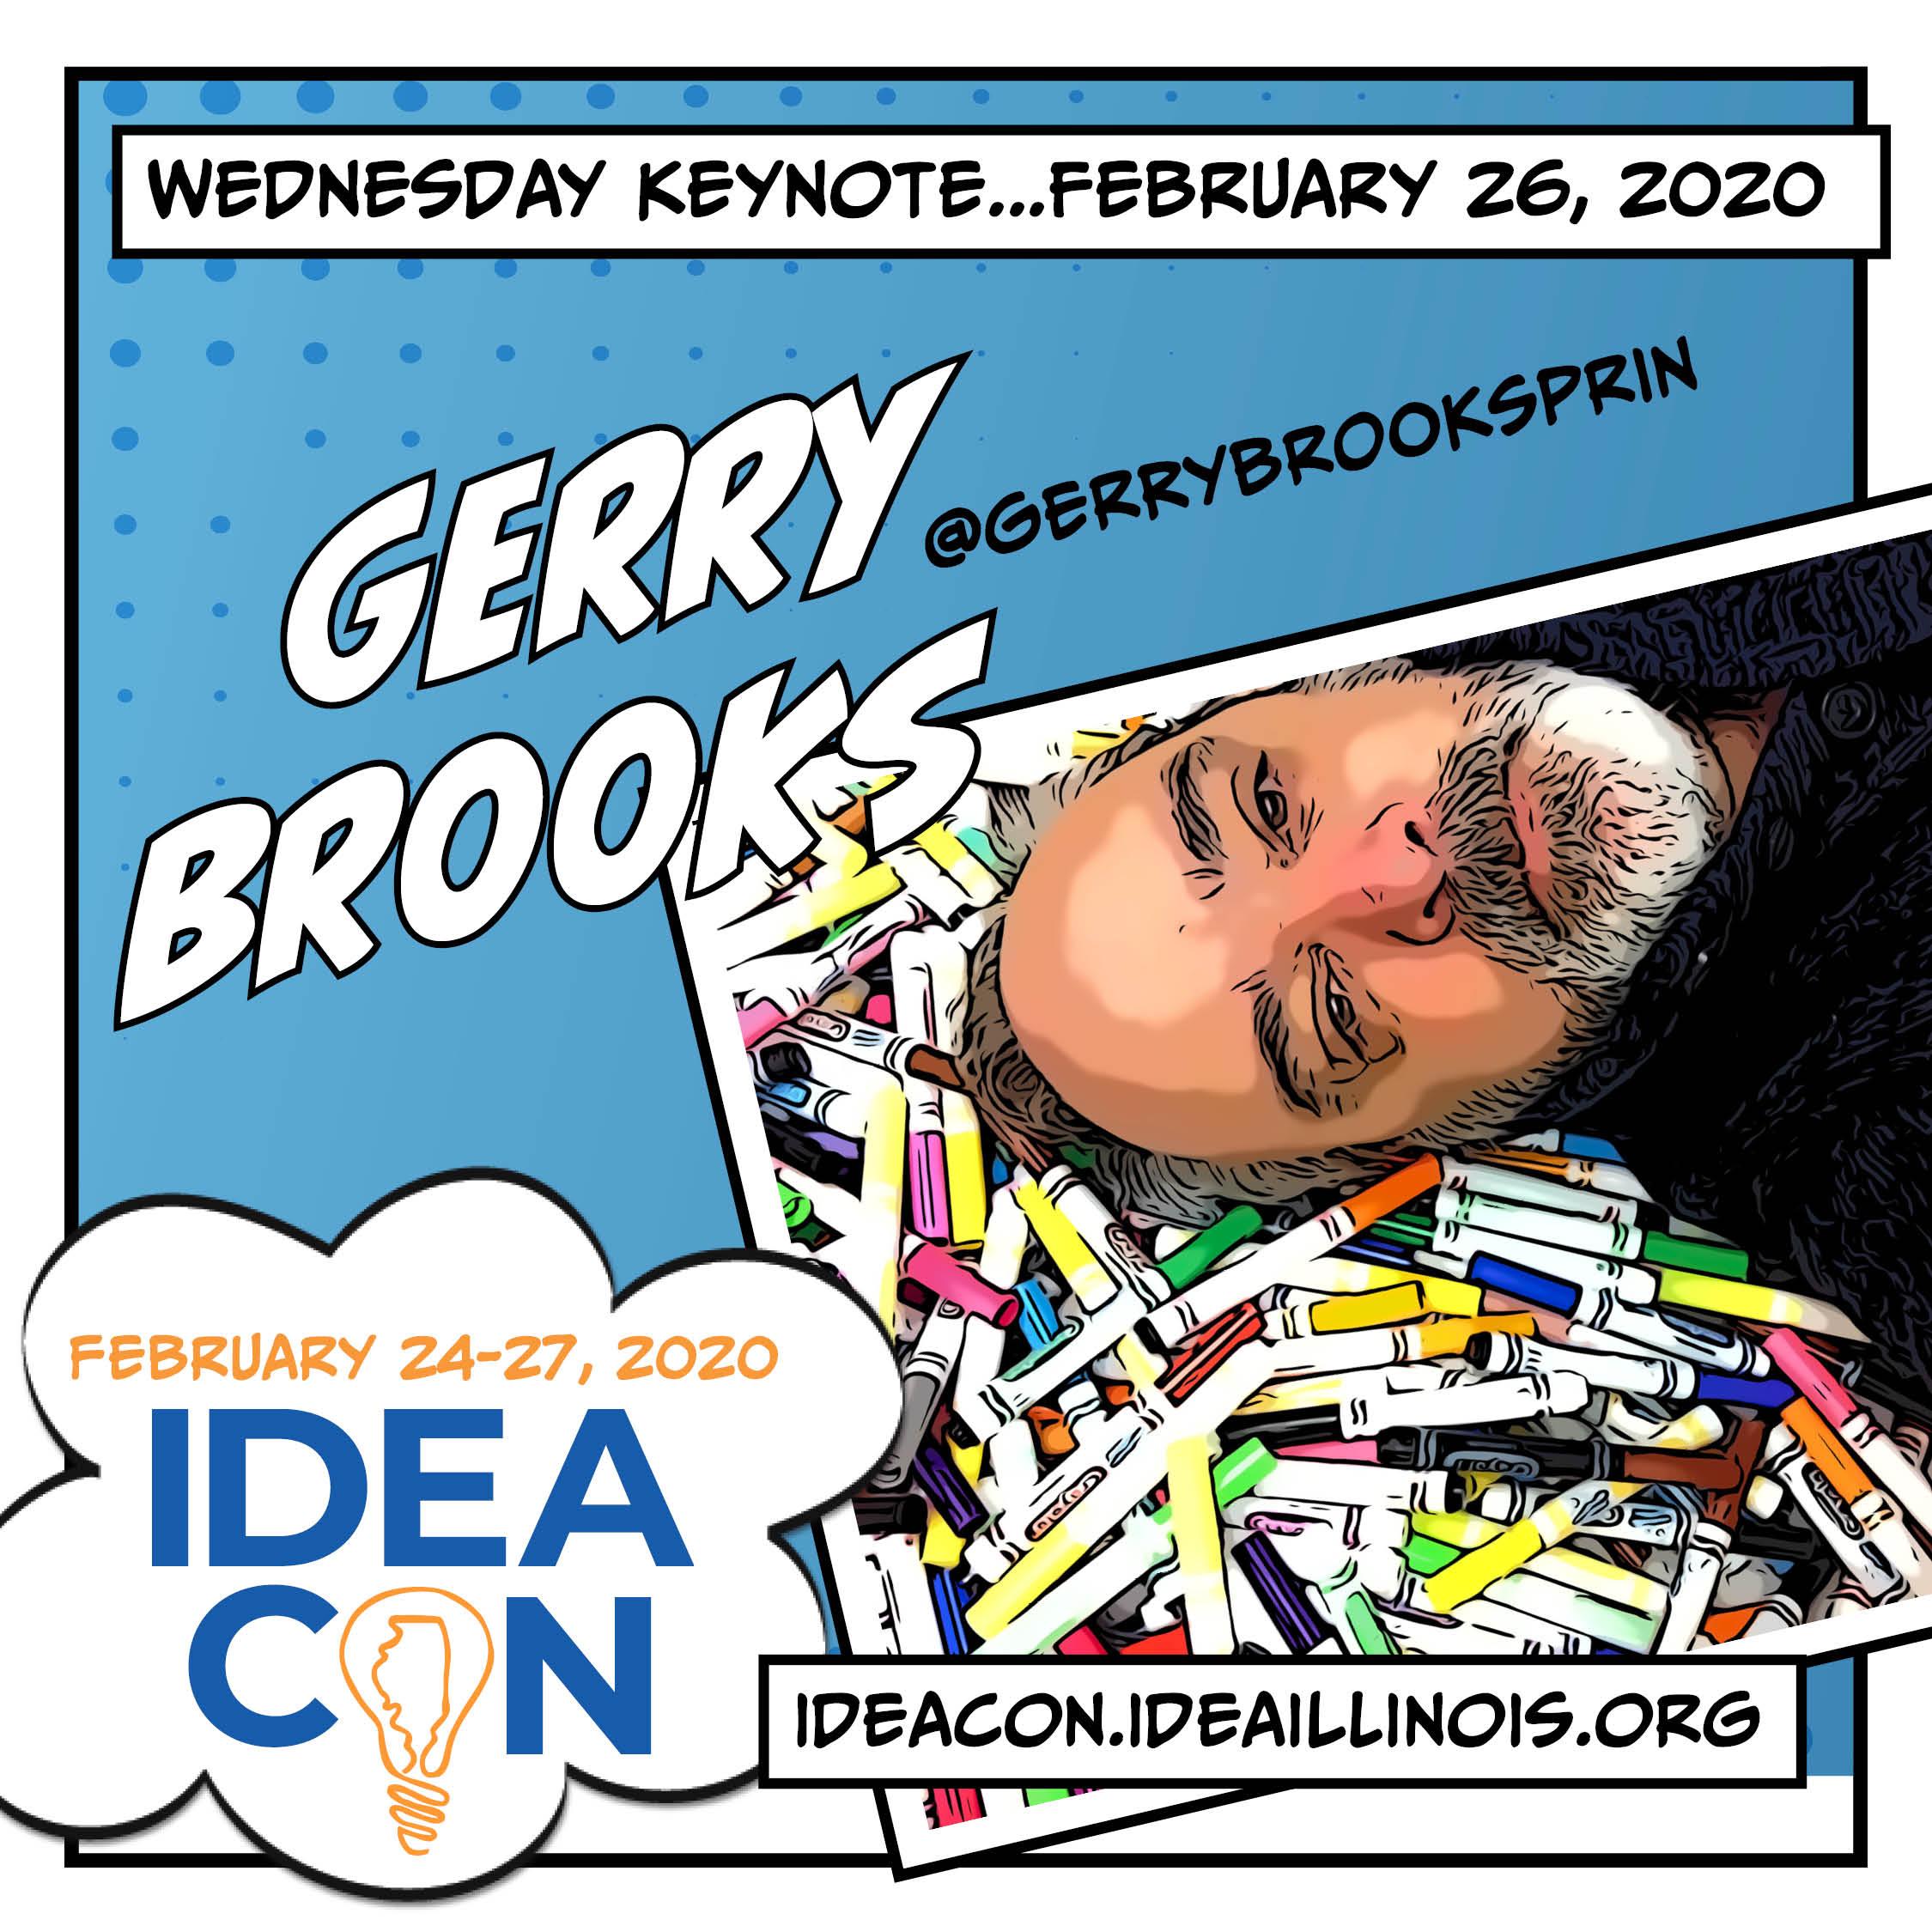 Wednesday Keynote Speaker